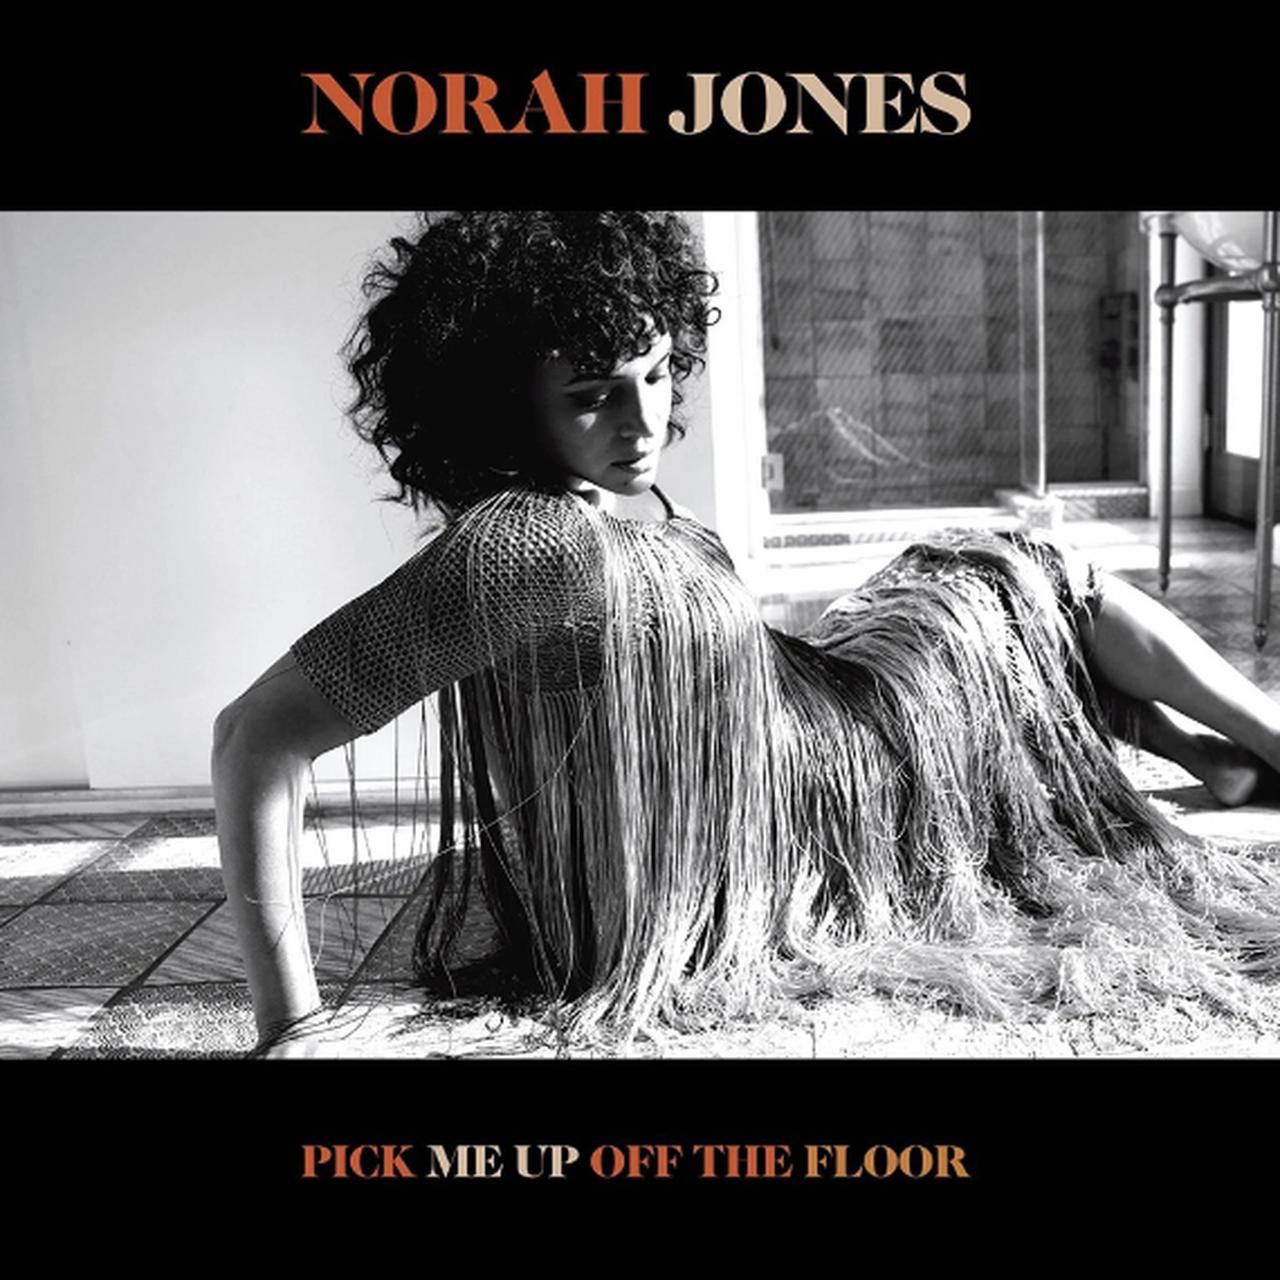 NORAH JONES - Pick Me Up Off The Floor cover